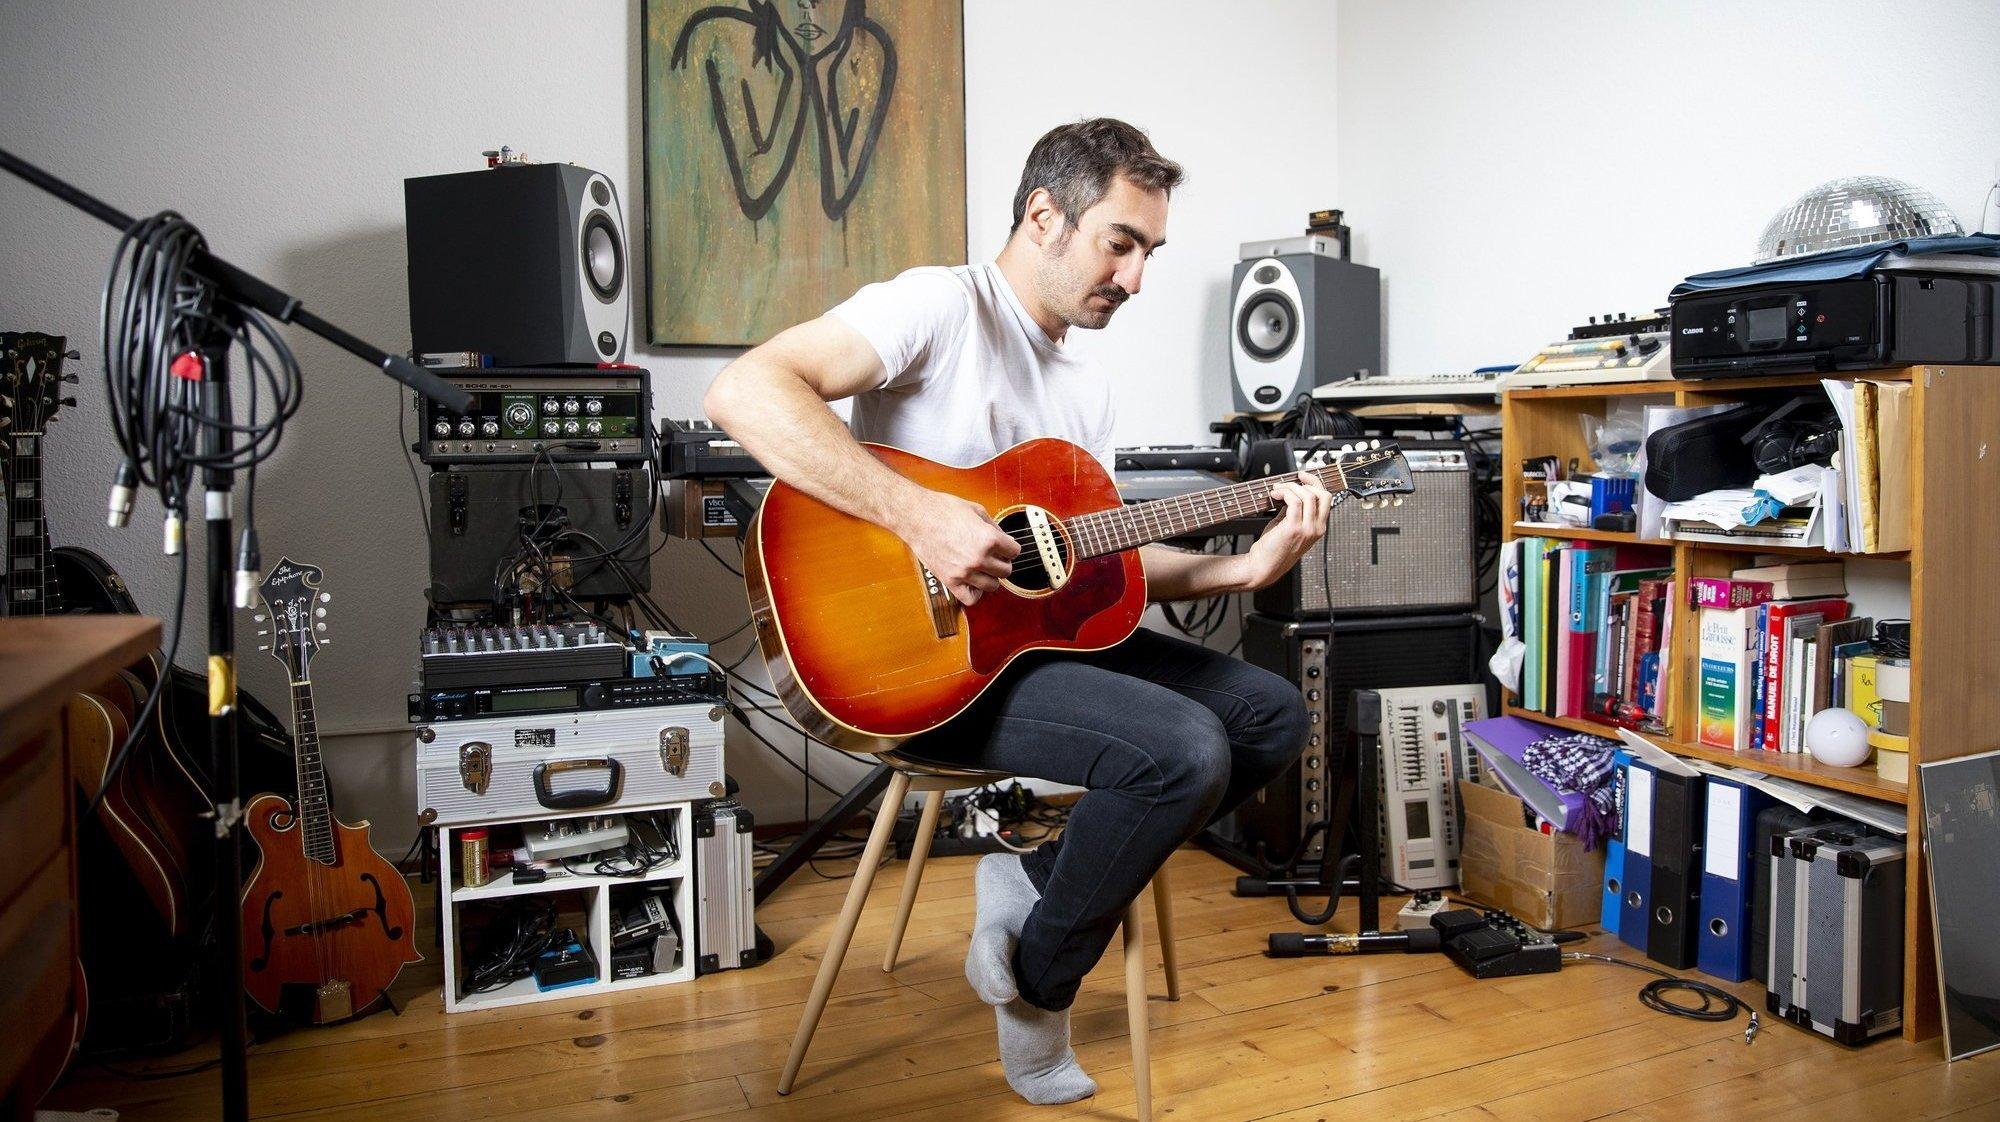 Neuchâtel: Raphaël Weber sort son premier album solo